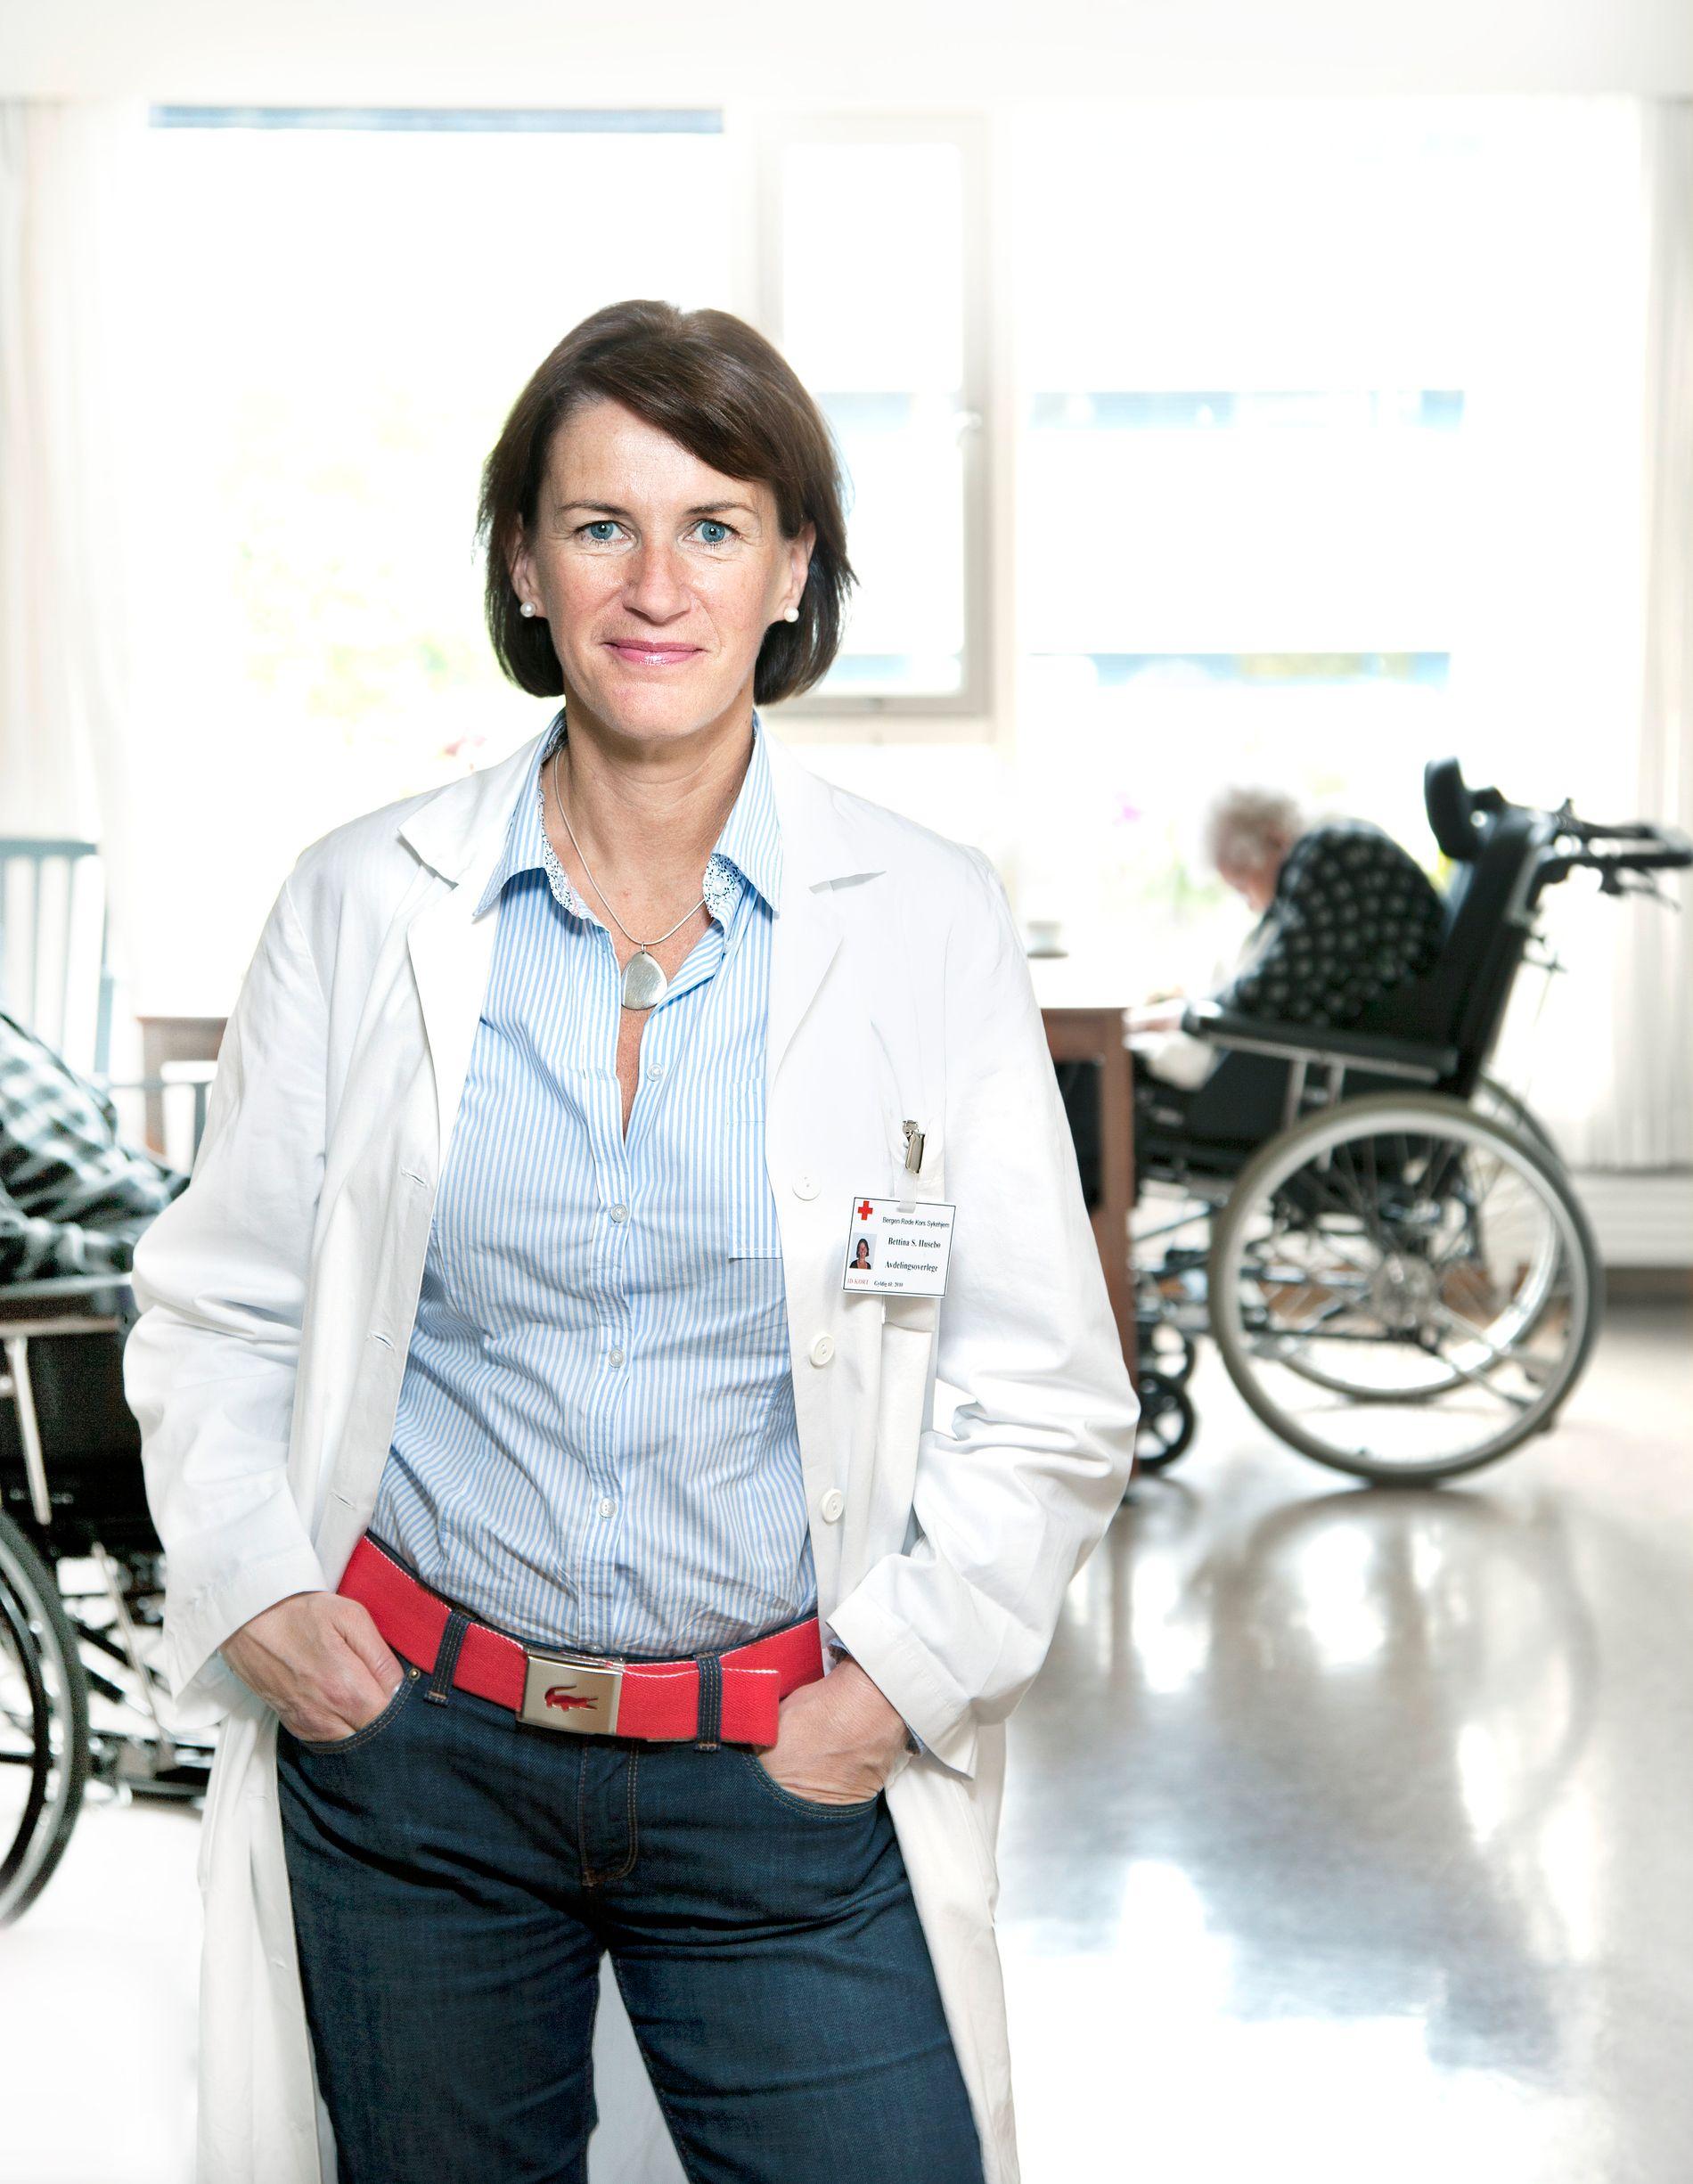 DEMENS: UiB-professor Bettina Husebø ber statsminister Erna Solberg om å ta demenskrisen på alvor.